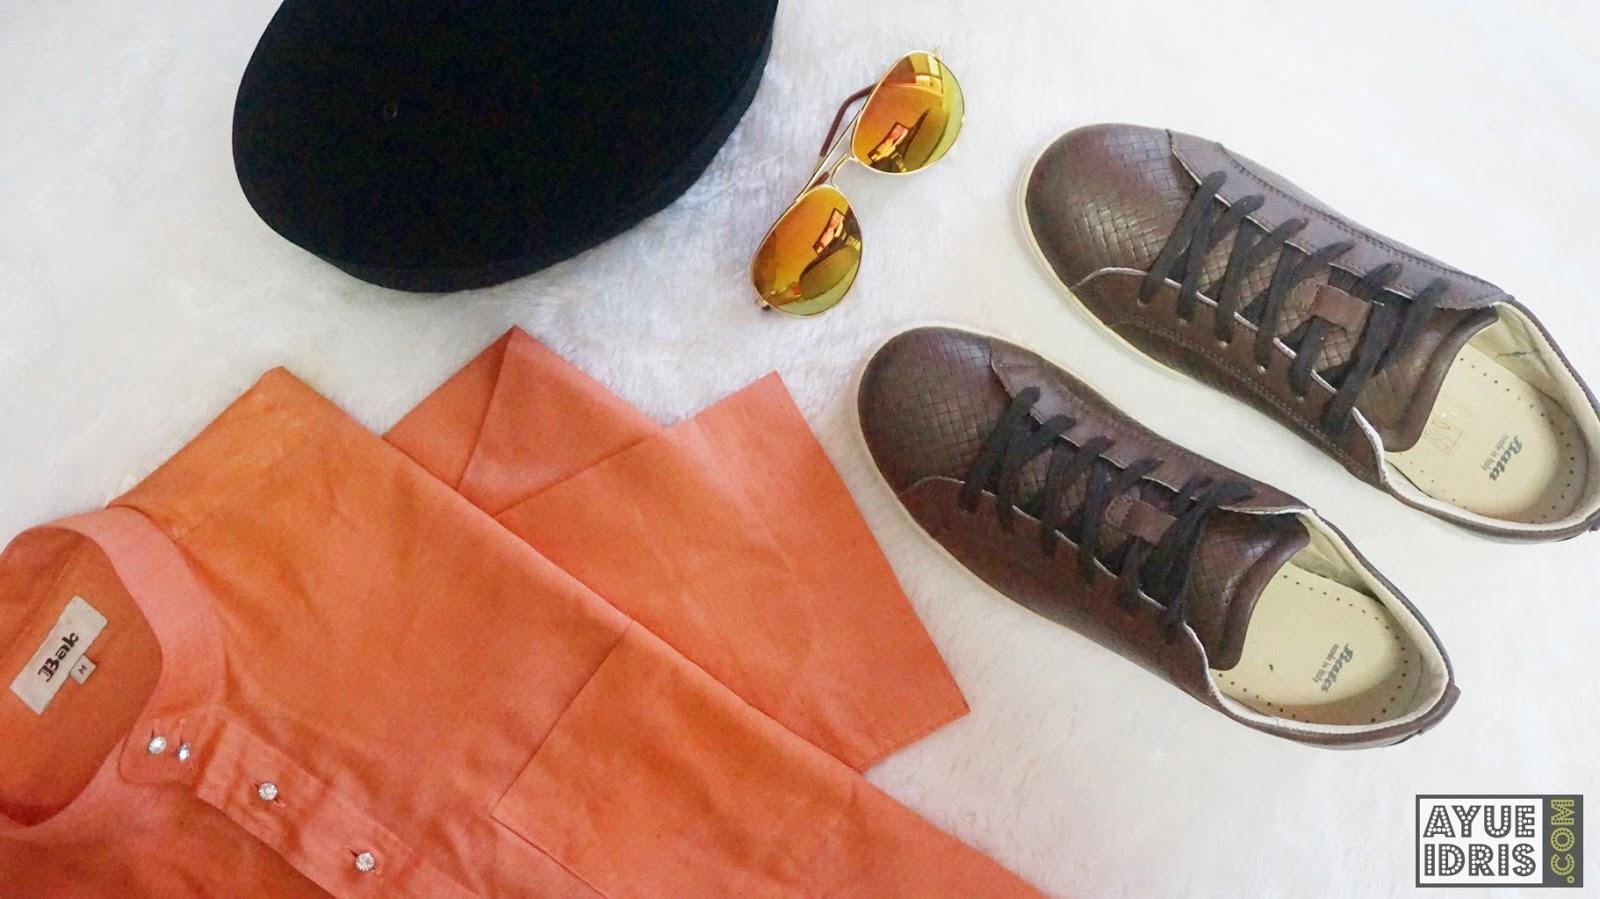 Koleksi Kasut Bata  Cantik dan Mampu Milik - Ayue Idris